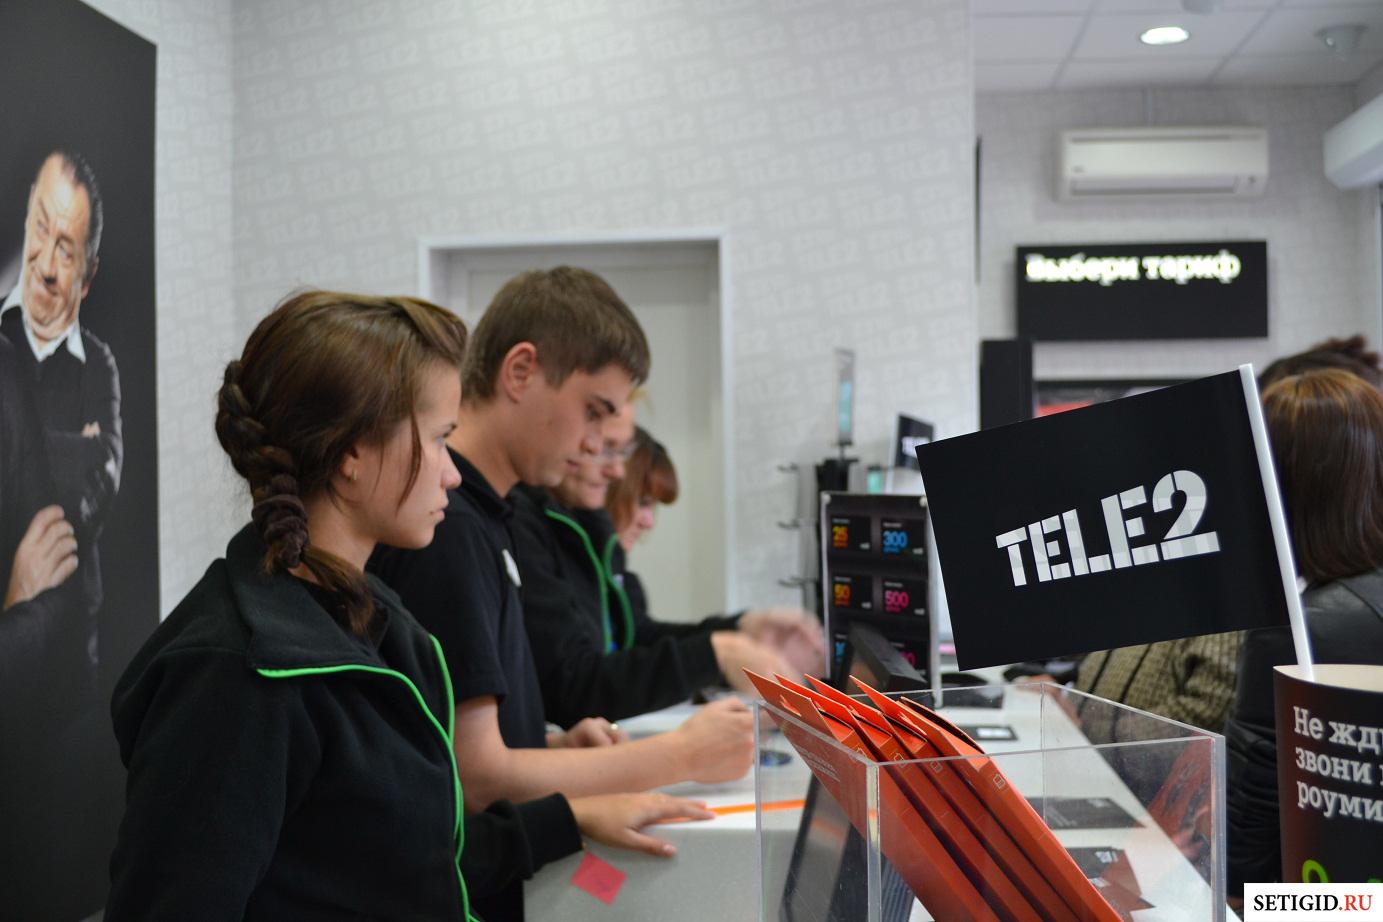 Консультанты офиса Теле2